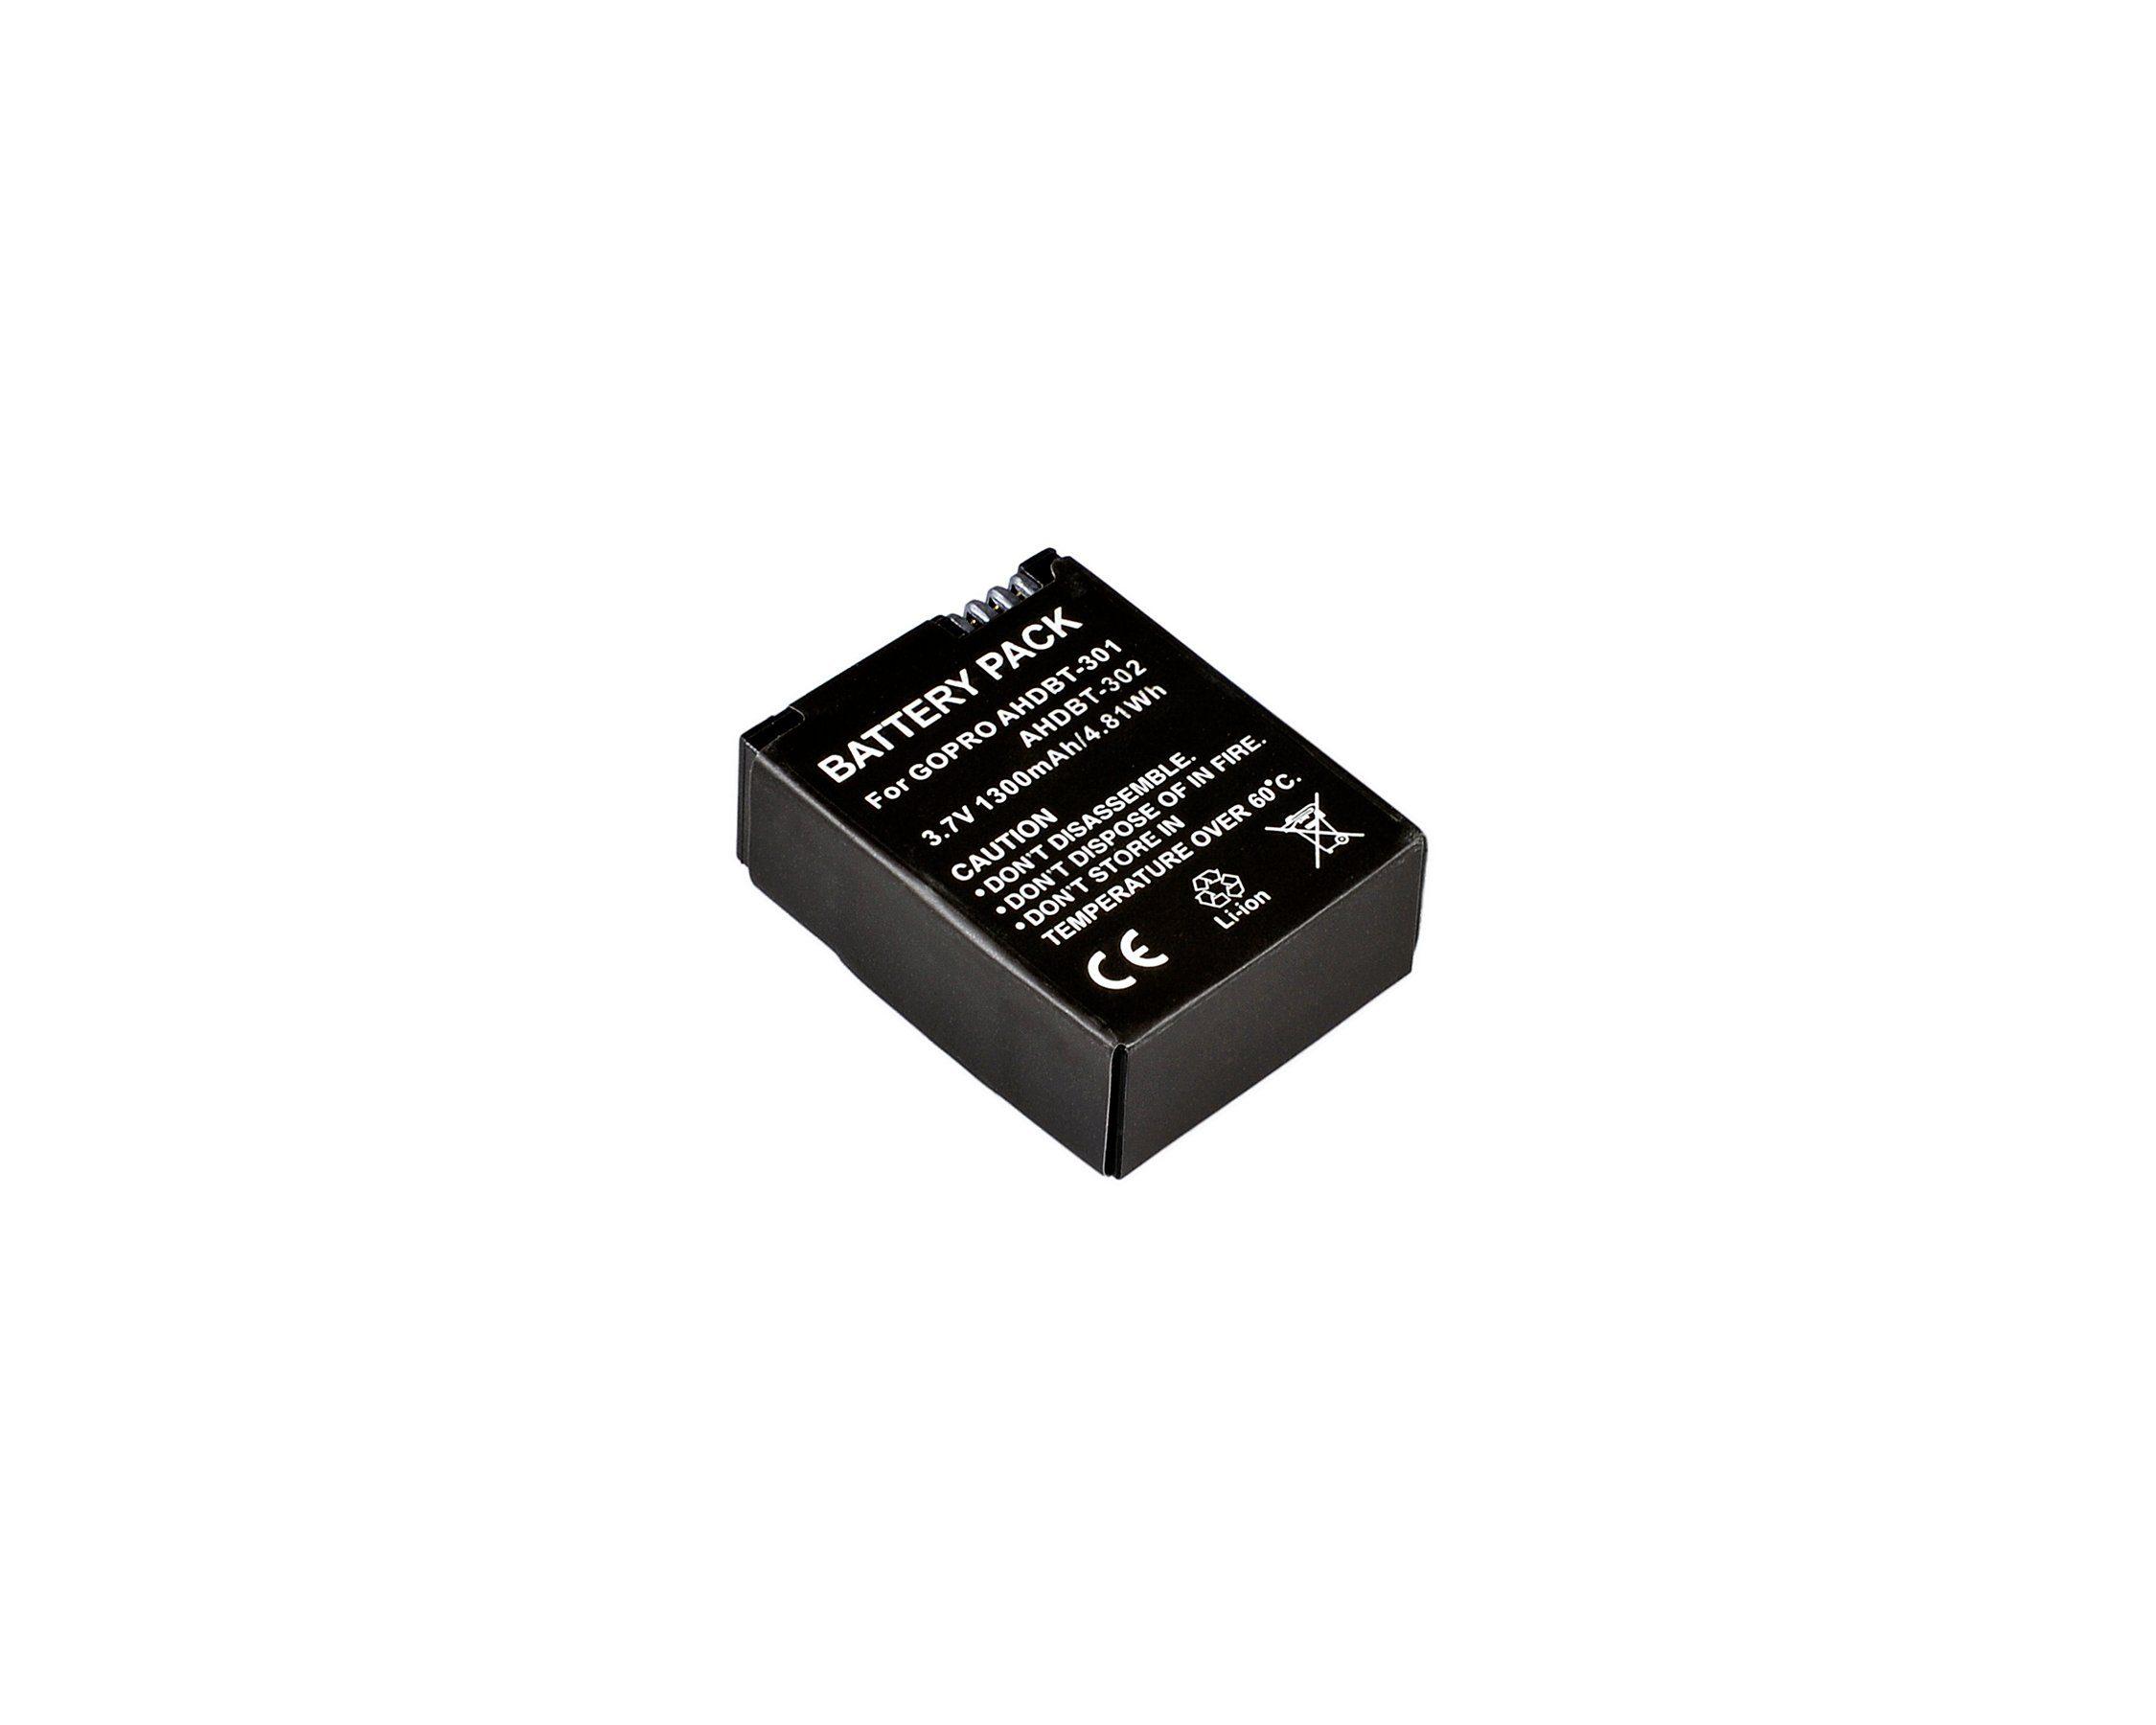 BRESSER Akku »Lithium-Ionen Akku für GoPro Hero 3 AHDBT-301«